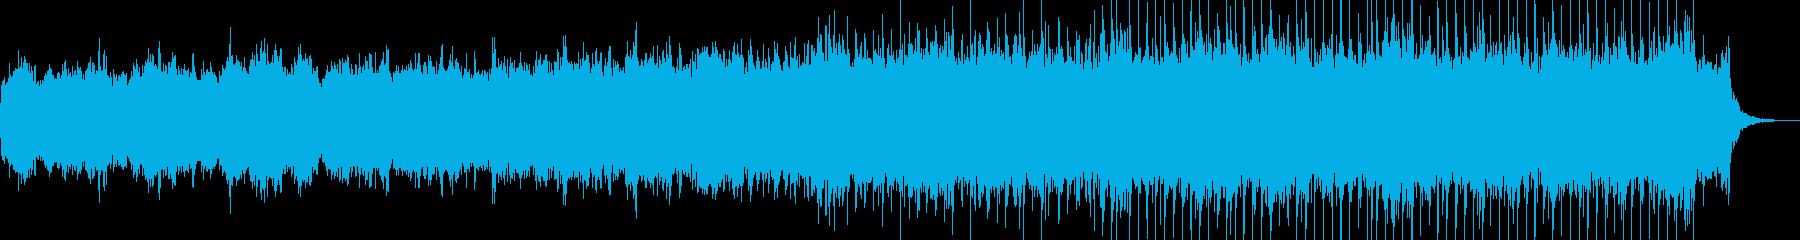 オーロラや宇宙映像に合うBGMです。の再生済みの波形